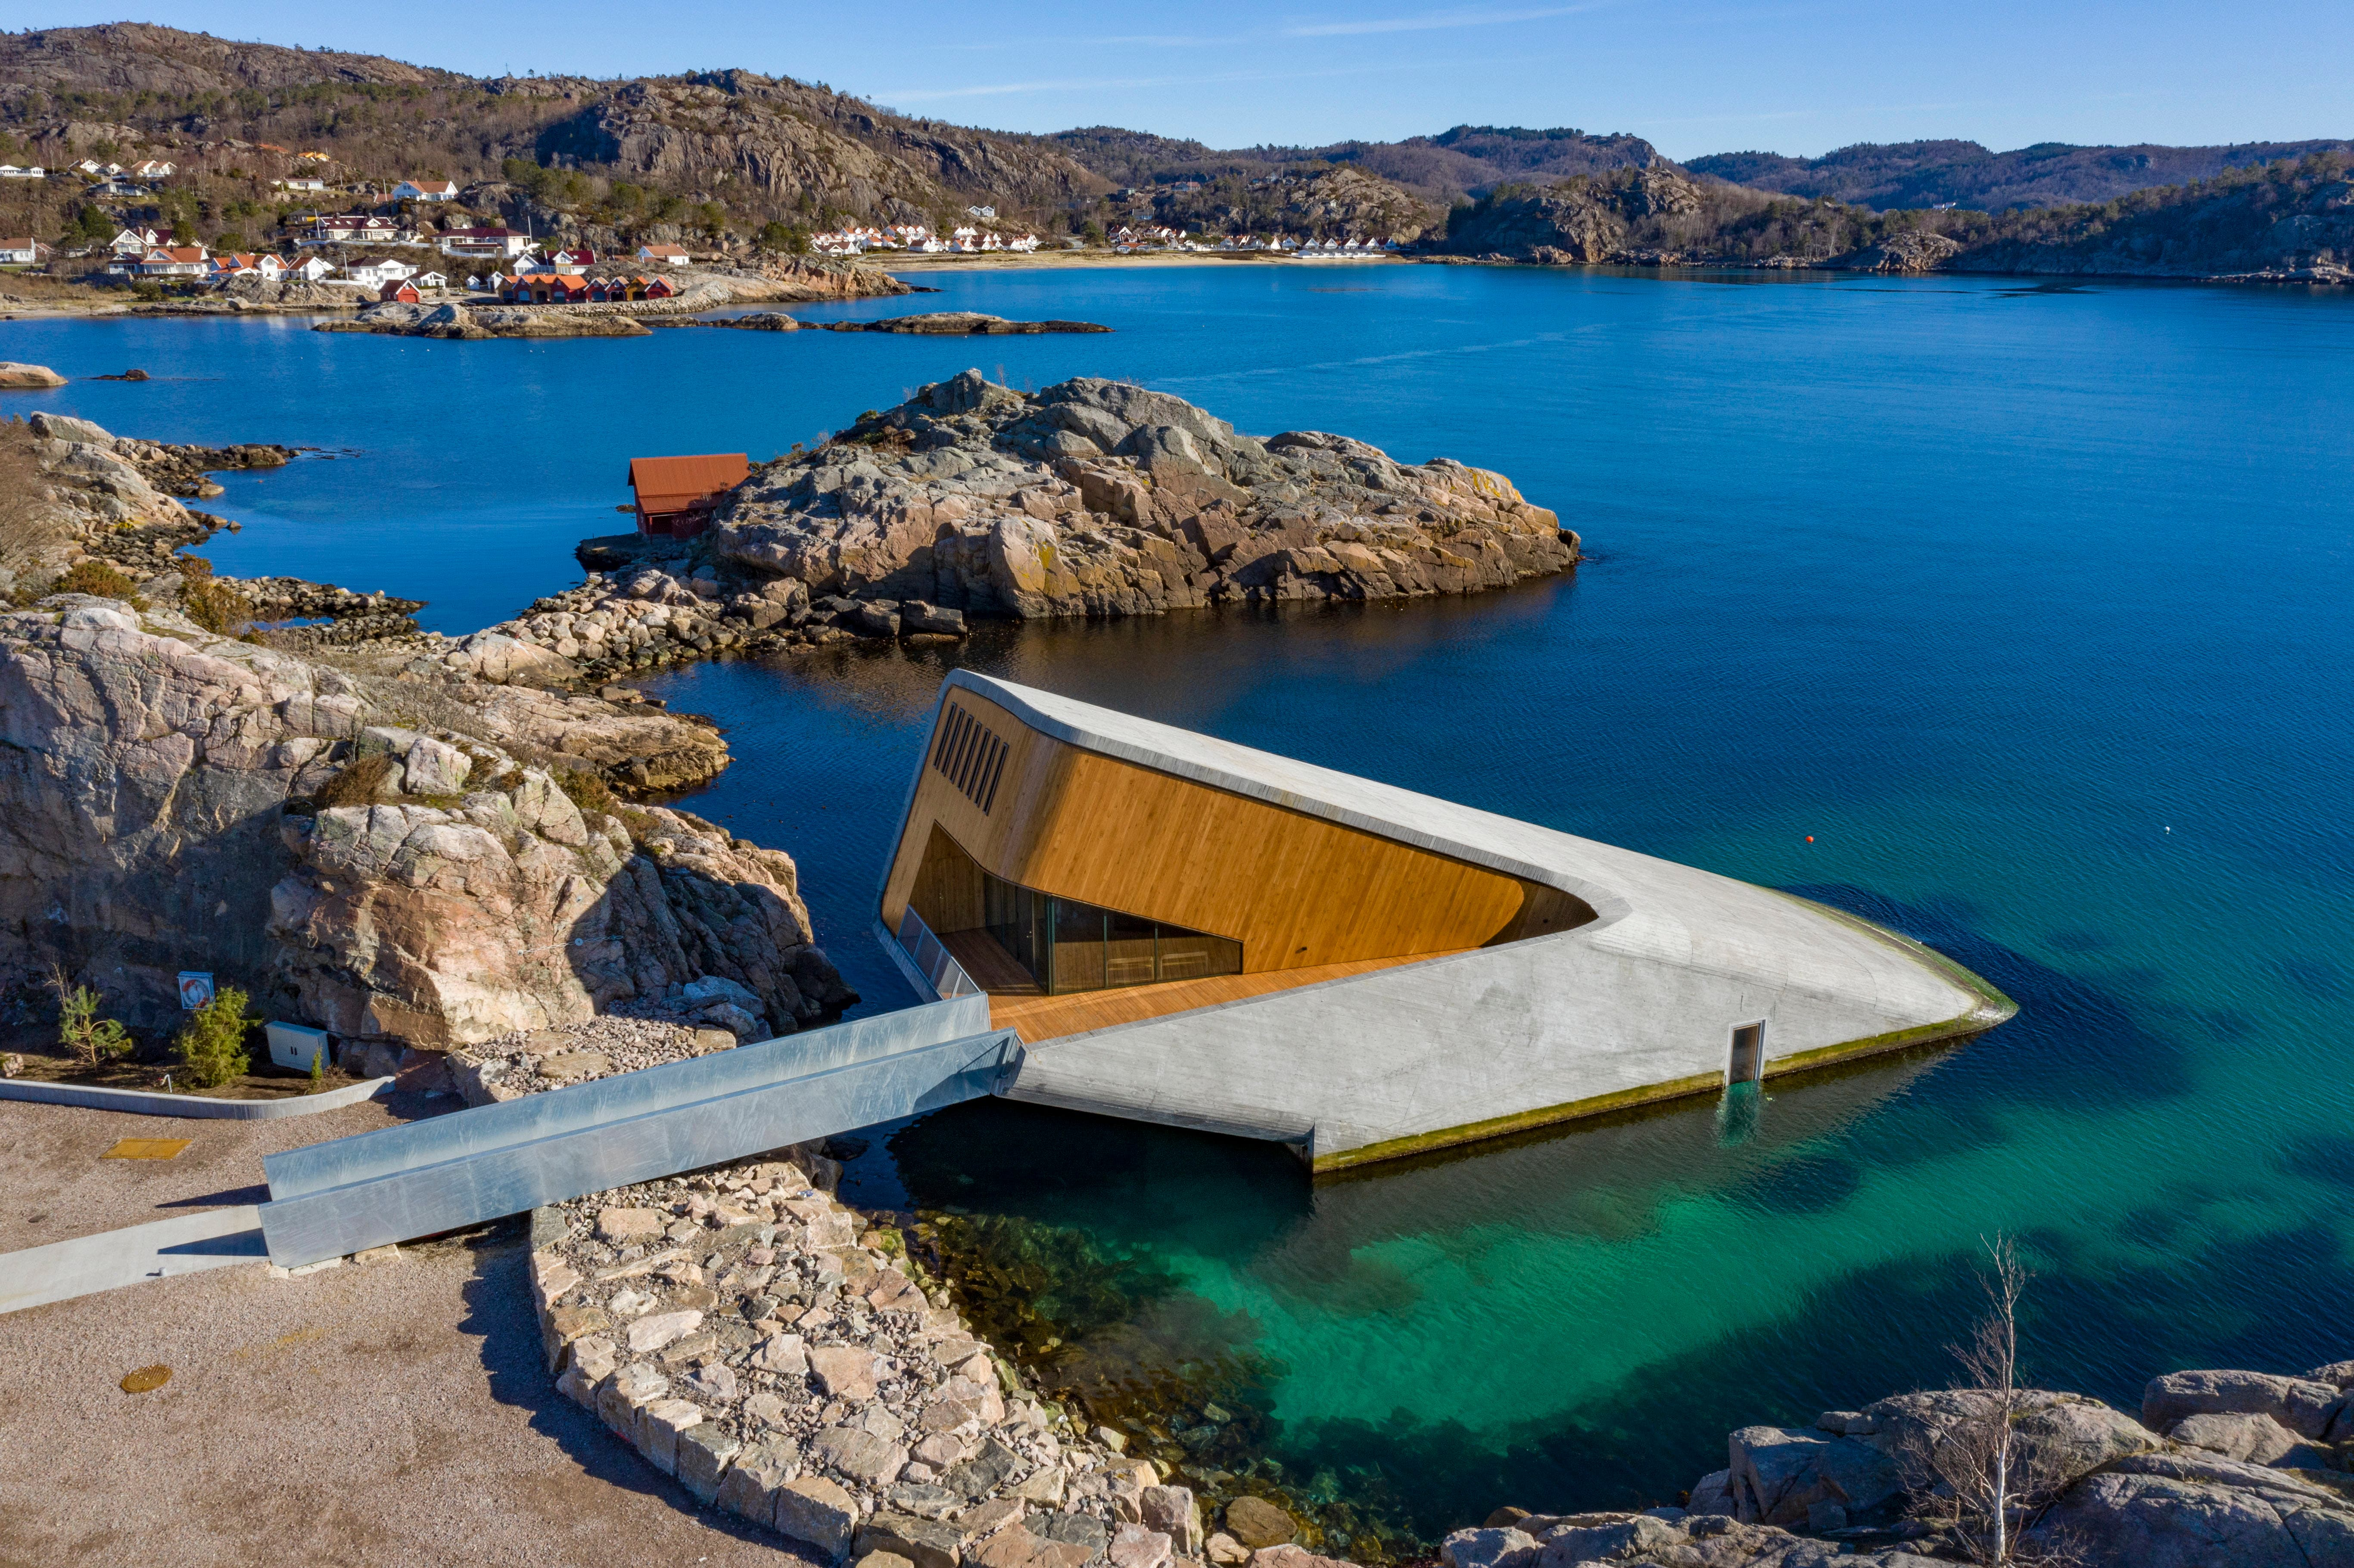 Es besteht aus 2500 Tonnen Beton, an Land gefertigt, per Kran vorsichtig am Ufer versenkt und im Meeresboden verankert, wobei in der Ölindustrie erprobte Techniken den Ingenieuren halfen. (Bild: Tor Erik Schroder/EPA, Spangereid, 19. März 2019)